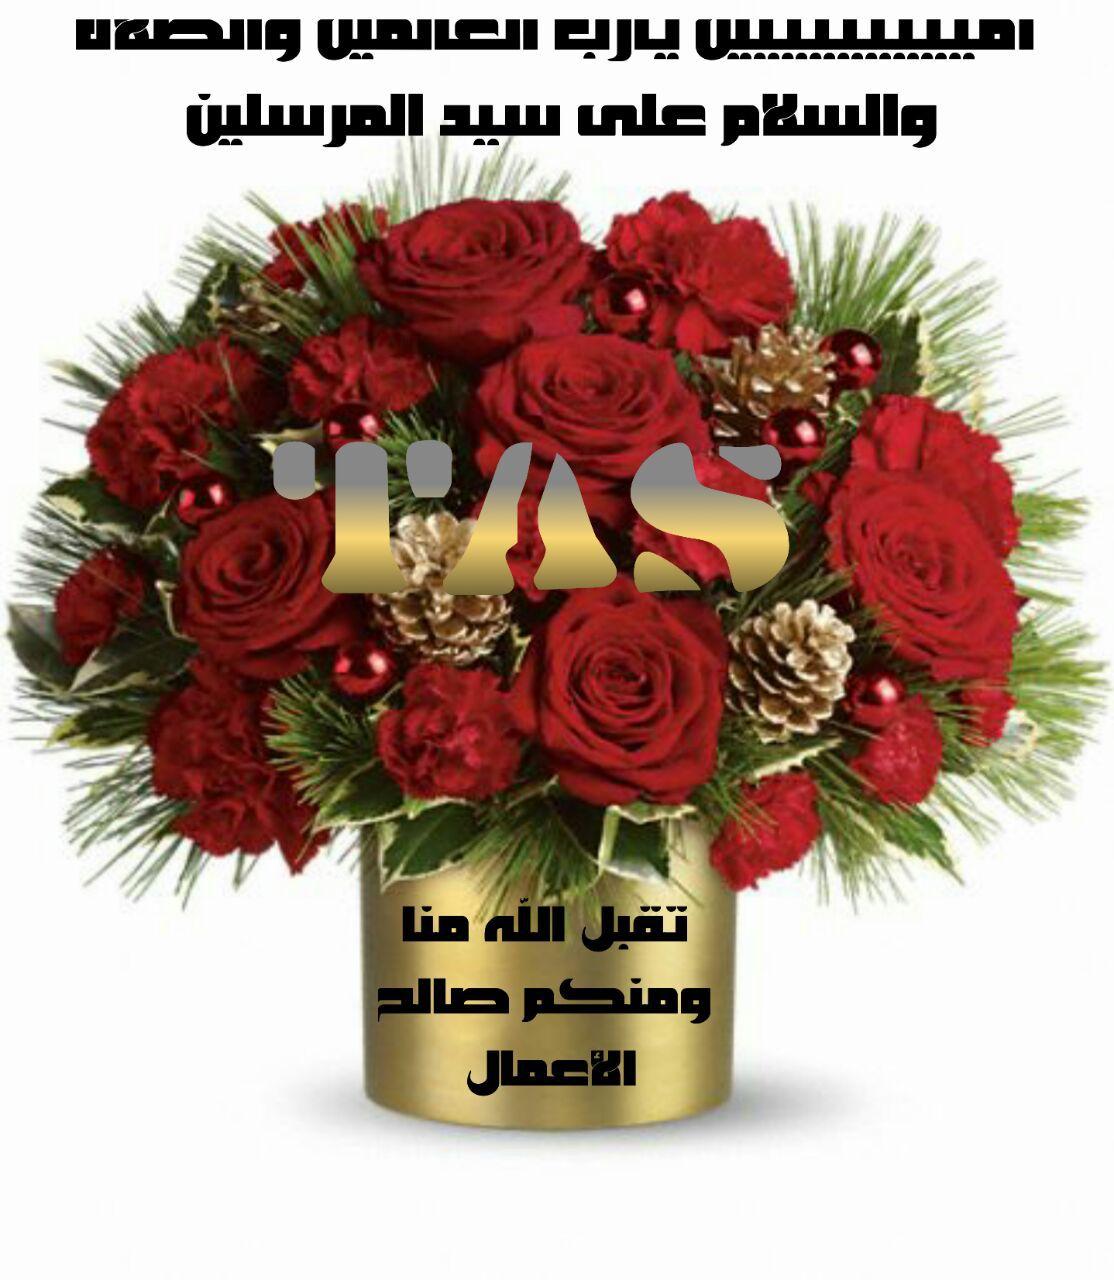 صور ورد مكتوب عليها فيس بوك عبارات وردية للفيس بوك صور حب